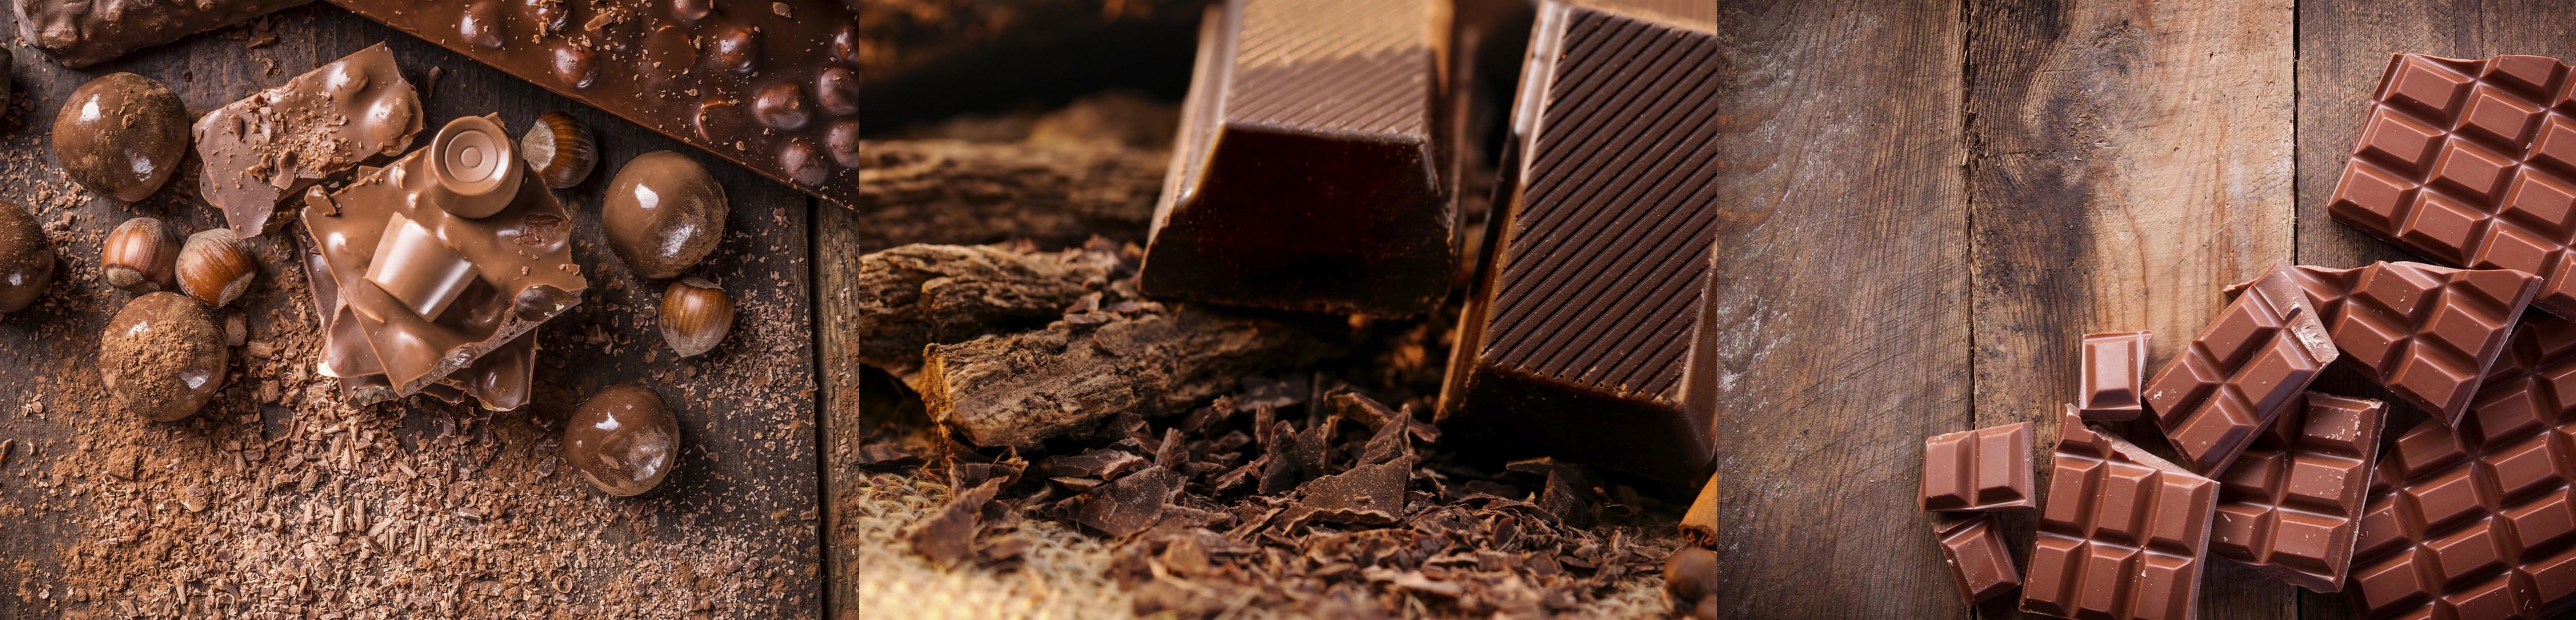 Cioccolato equo bio in Tavolette